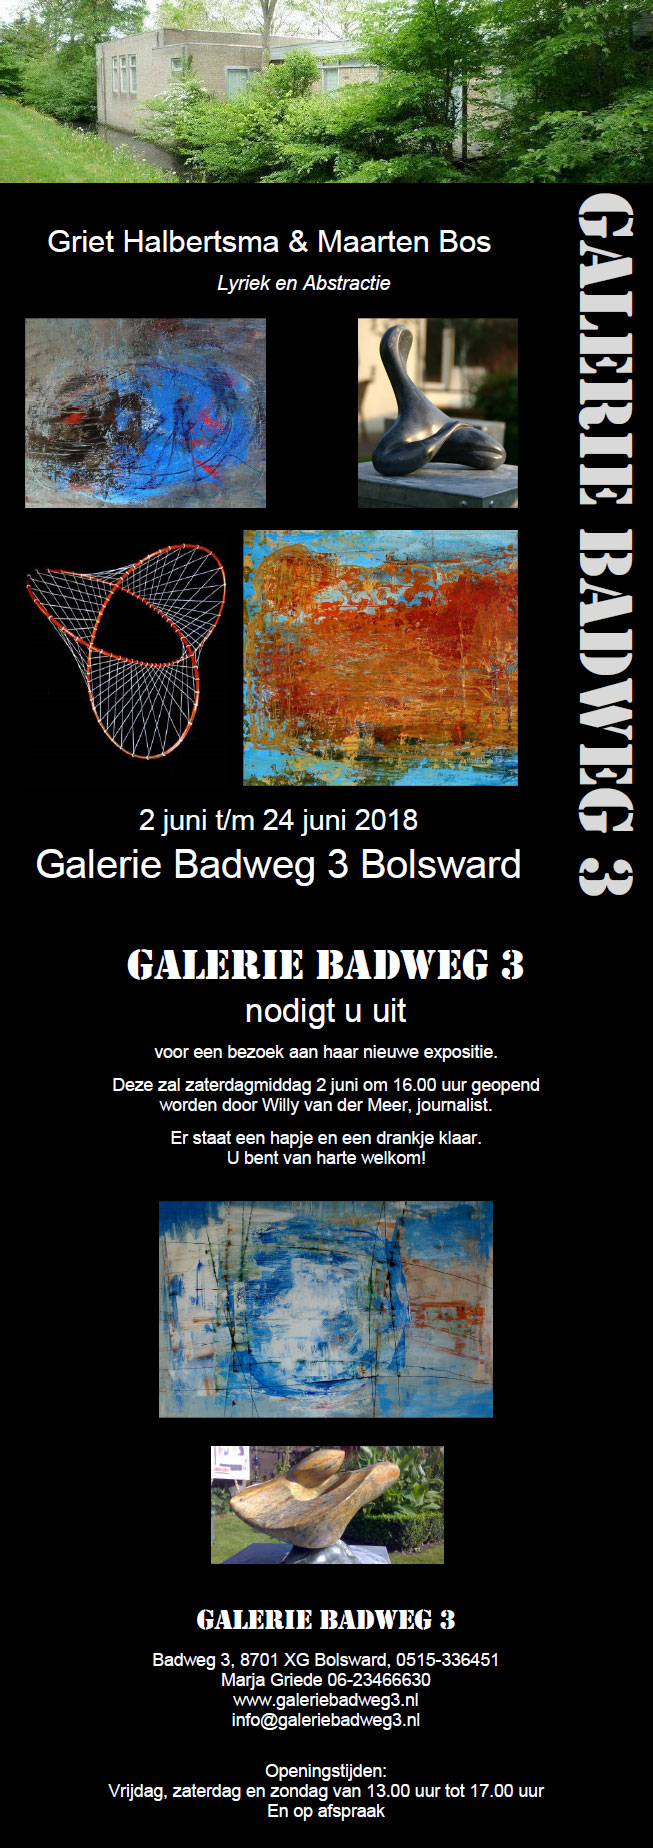 Expositie Griet Halbertsma in Bolsward